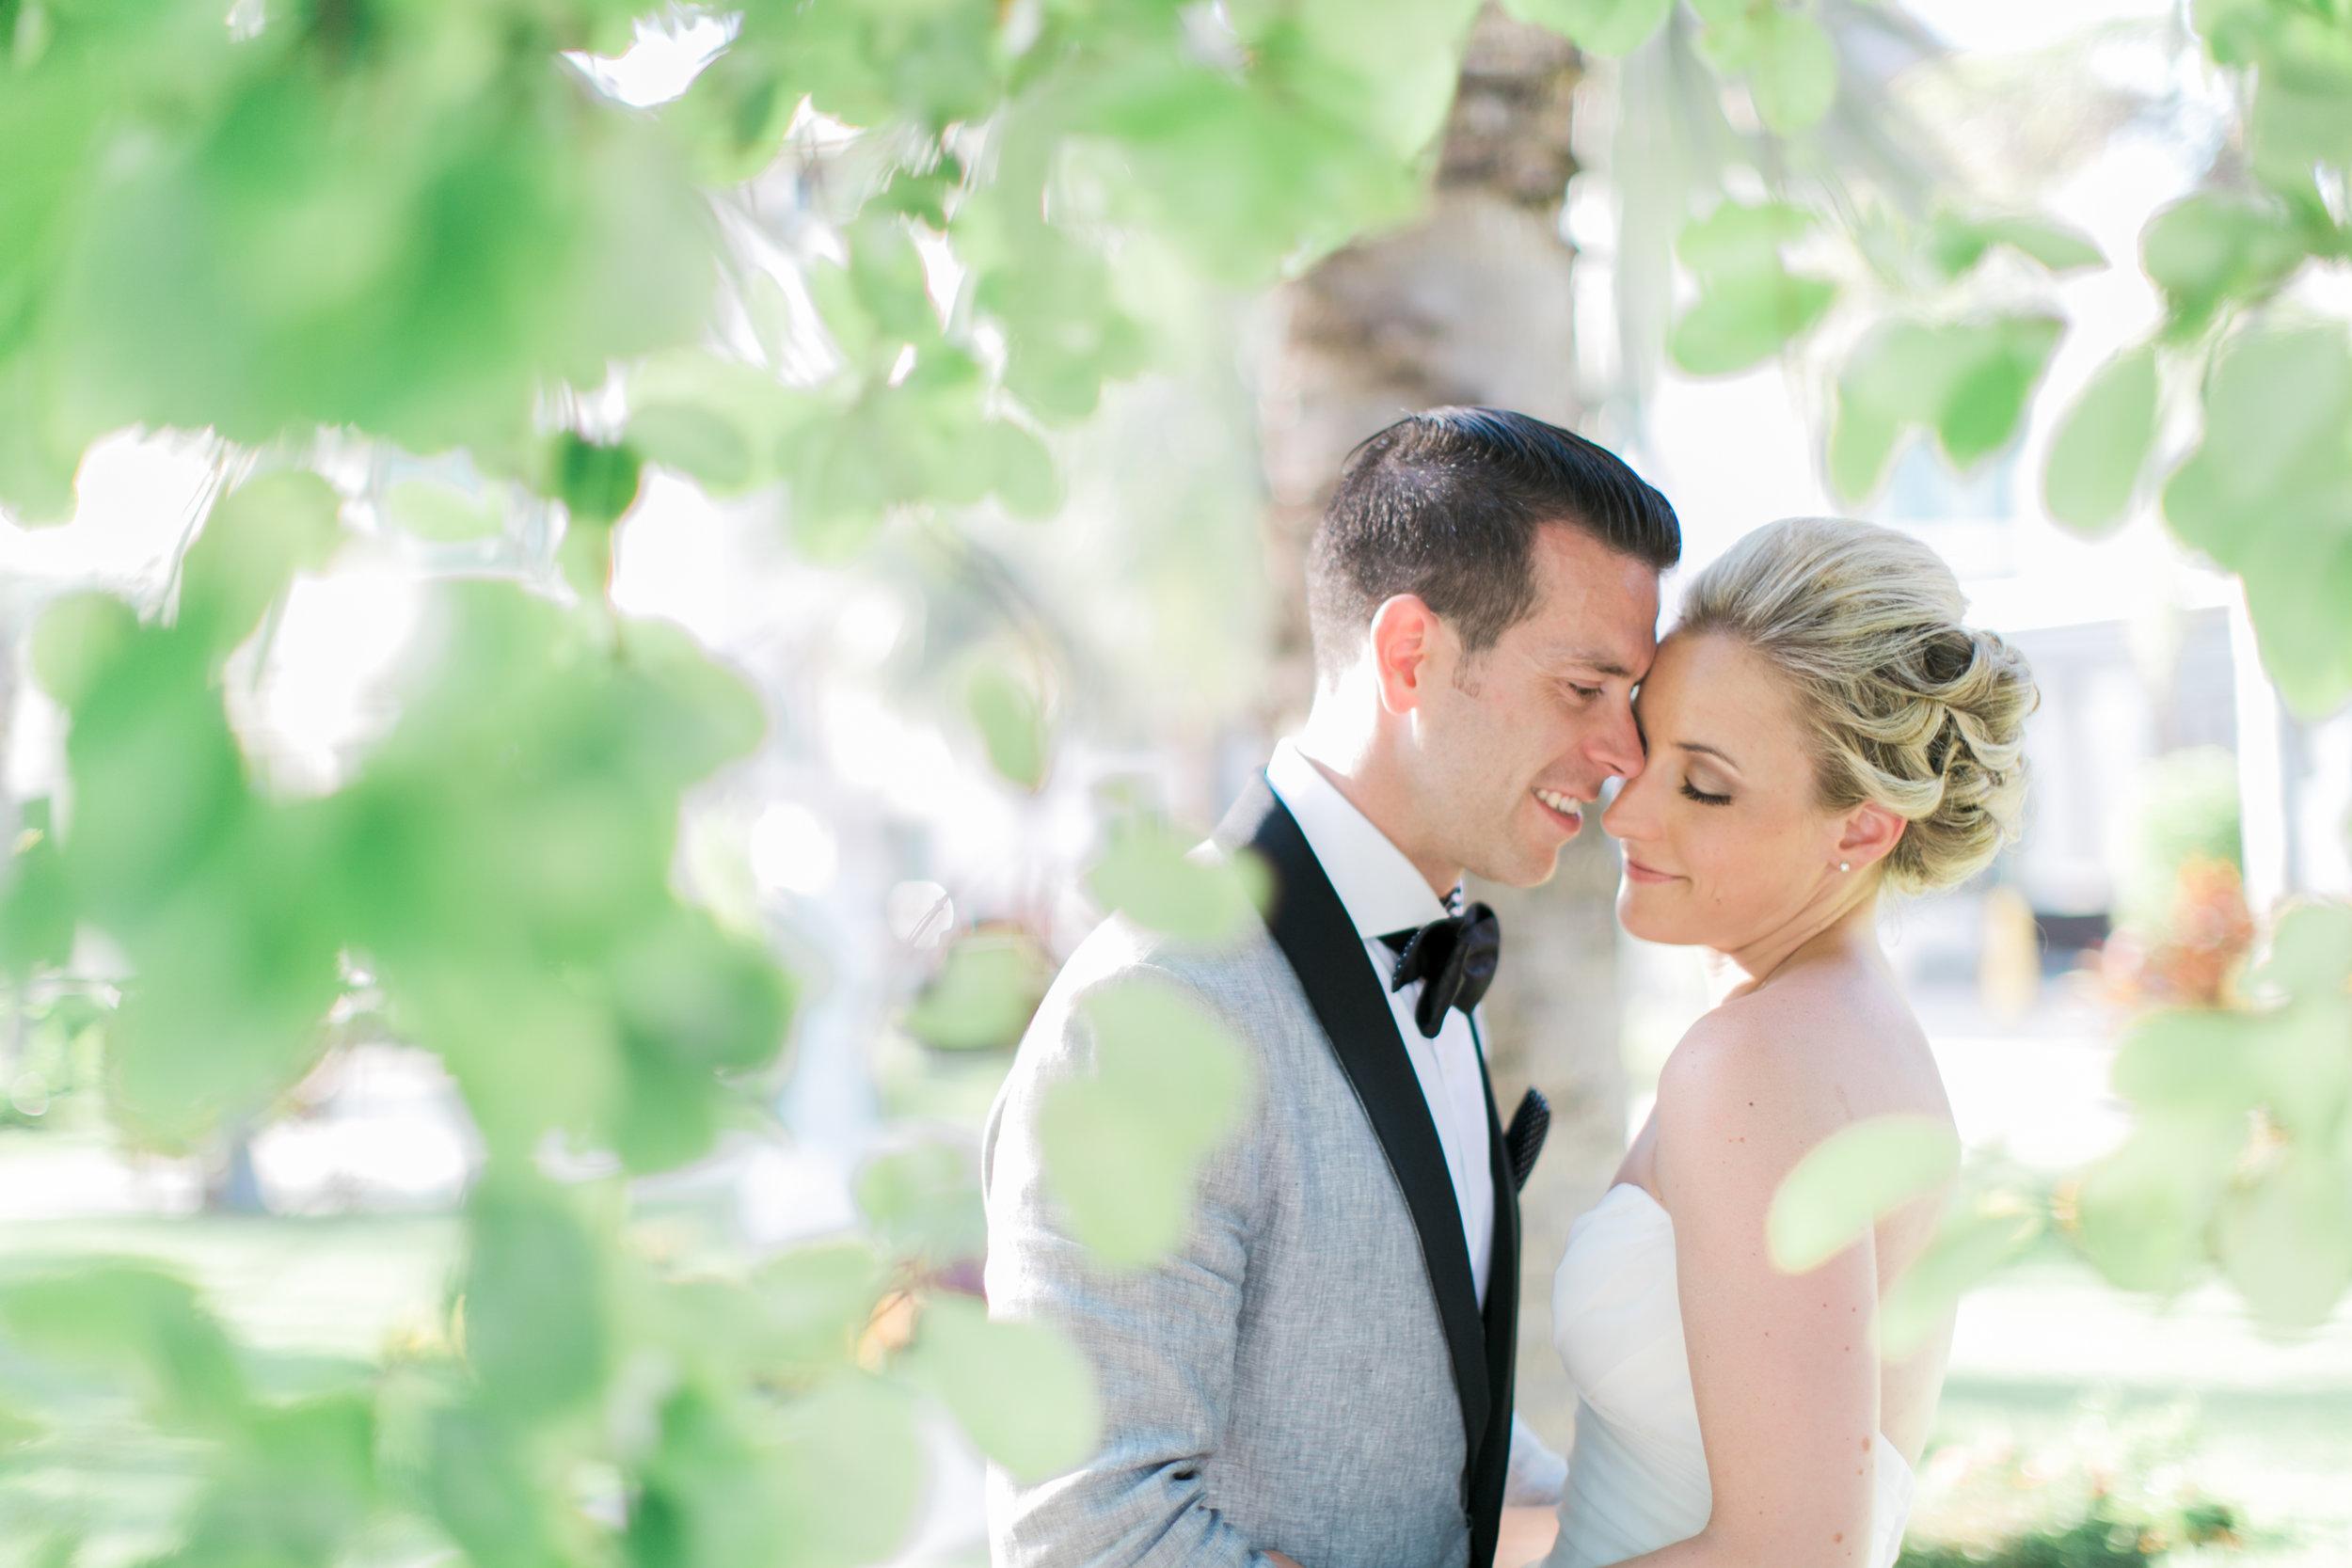 Bride and groom hugging under greenery.